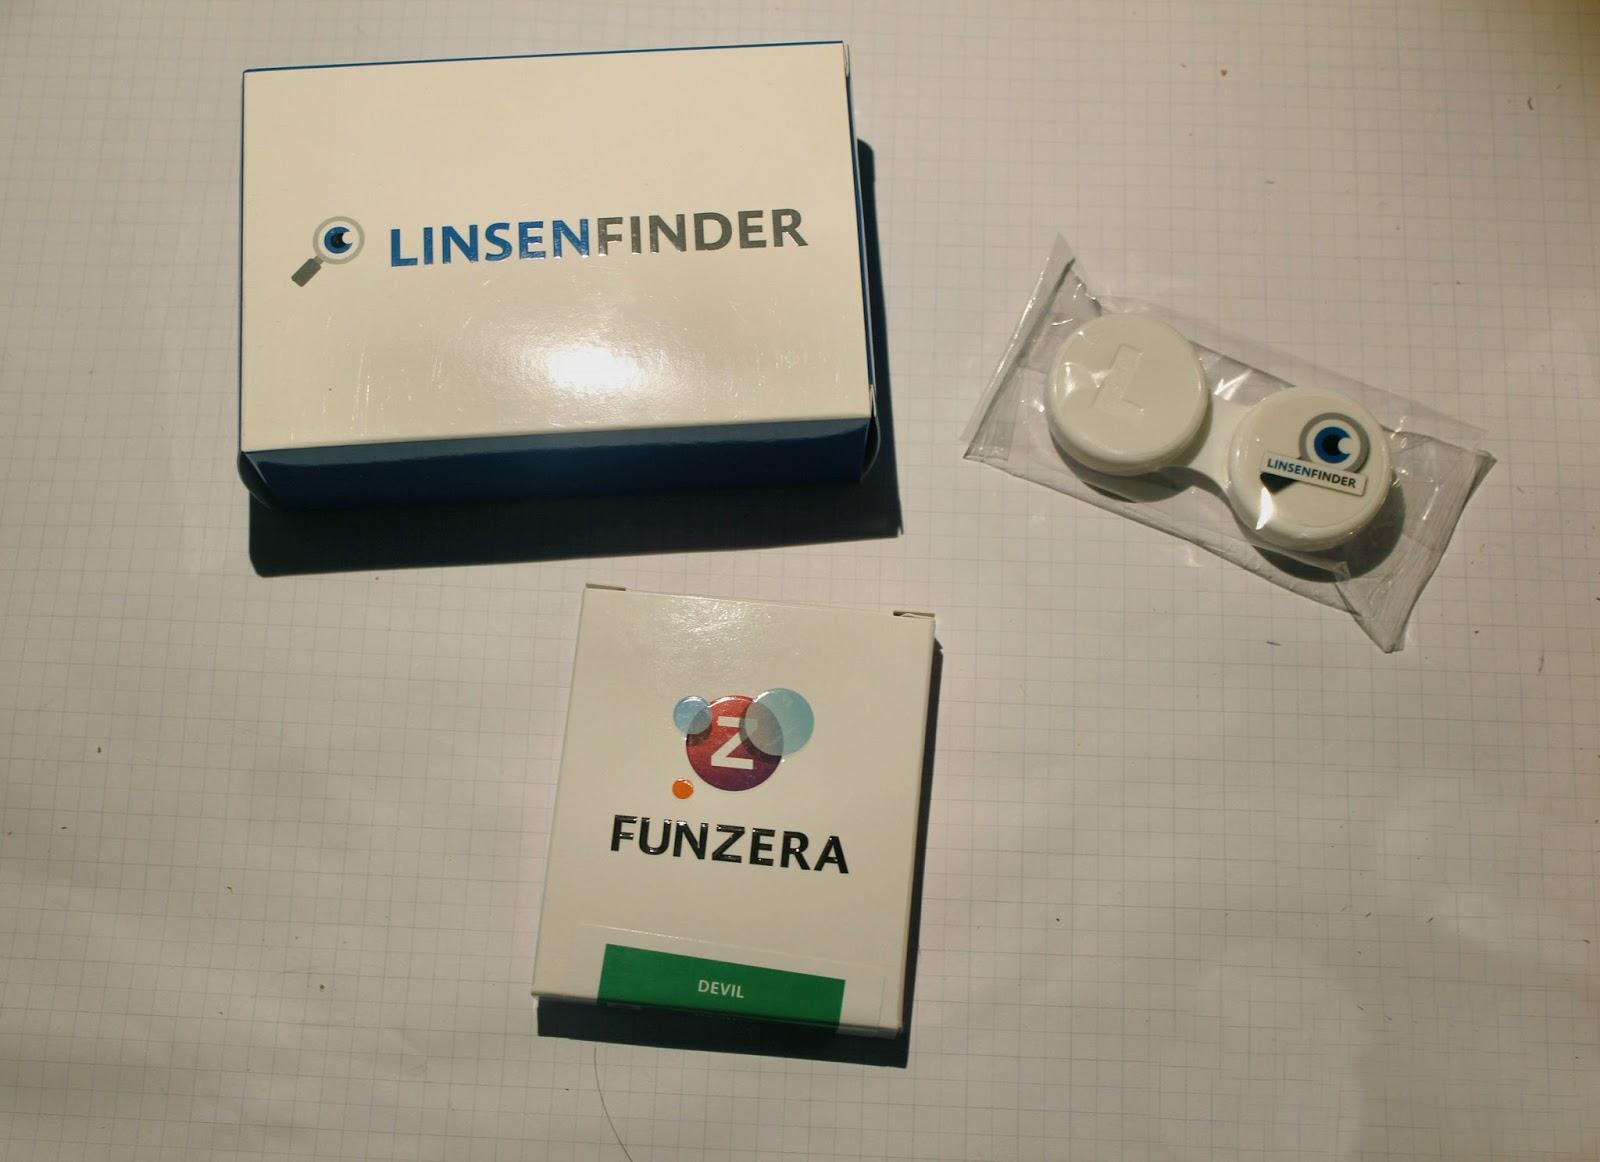 Funzera Linsenfinder.de Metatron Devil Farblinsen